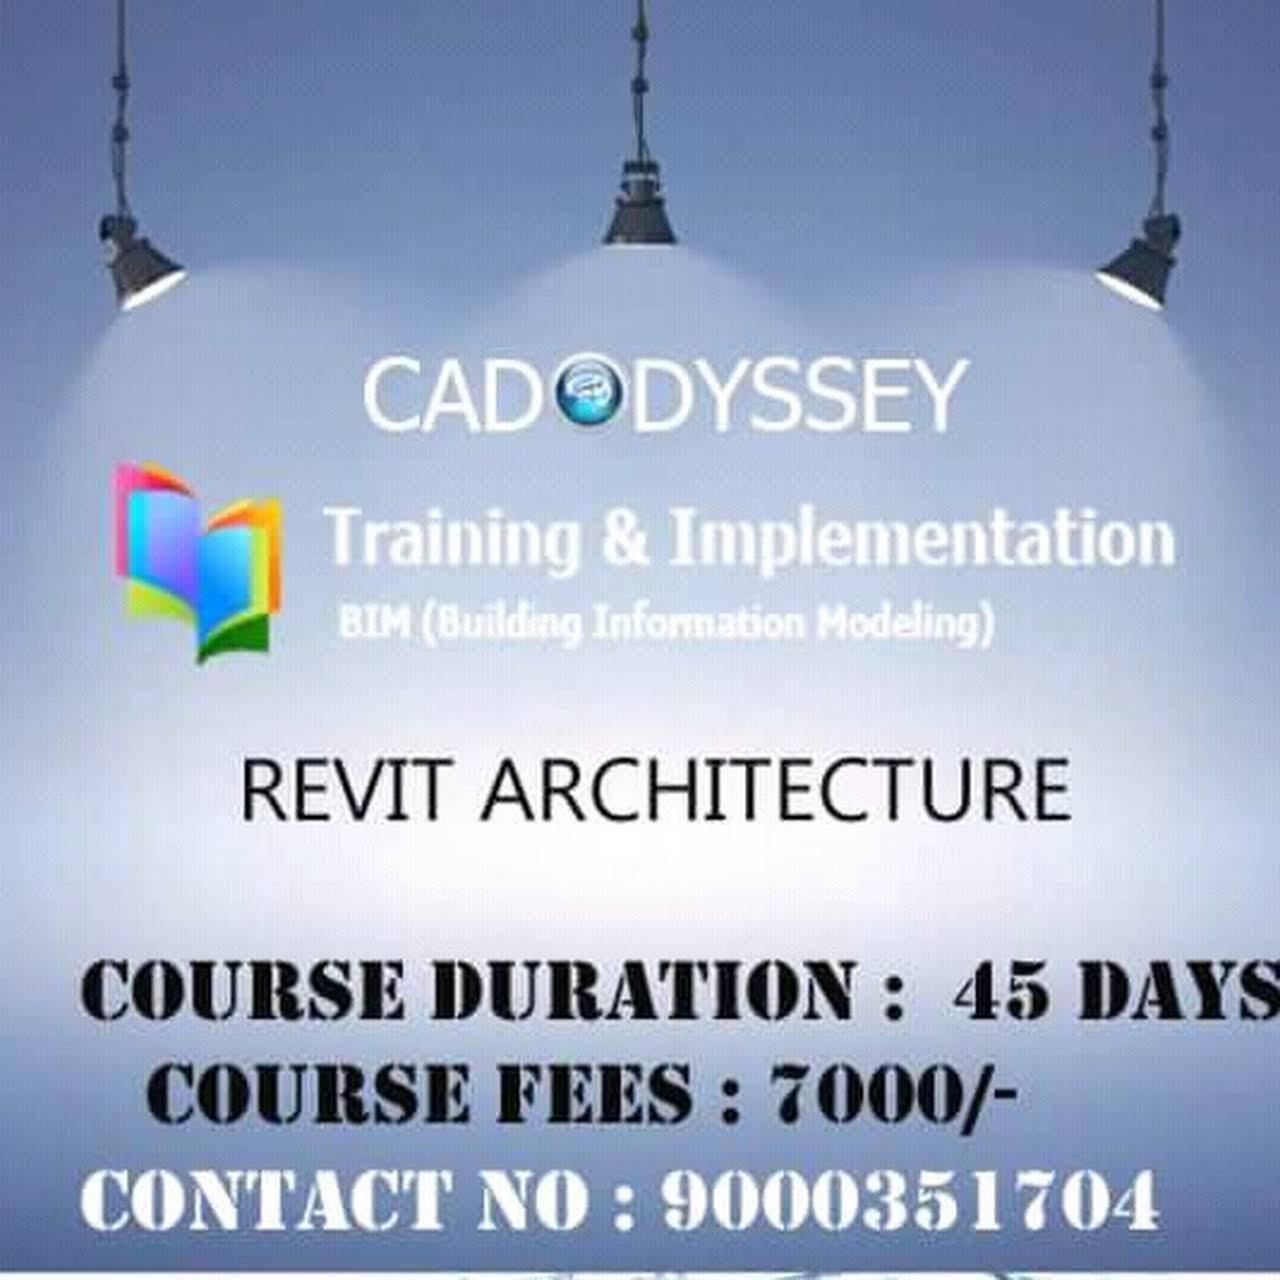 Mep Training Institute In Hyderabad - Training Centre in